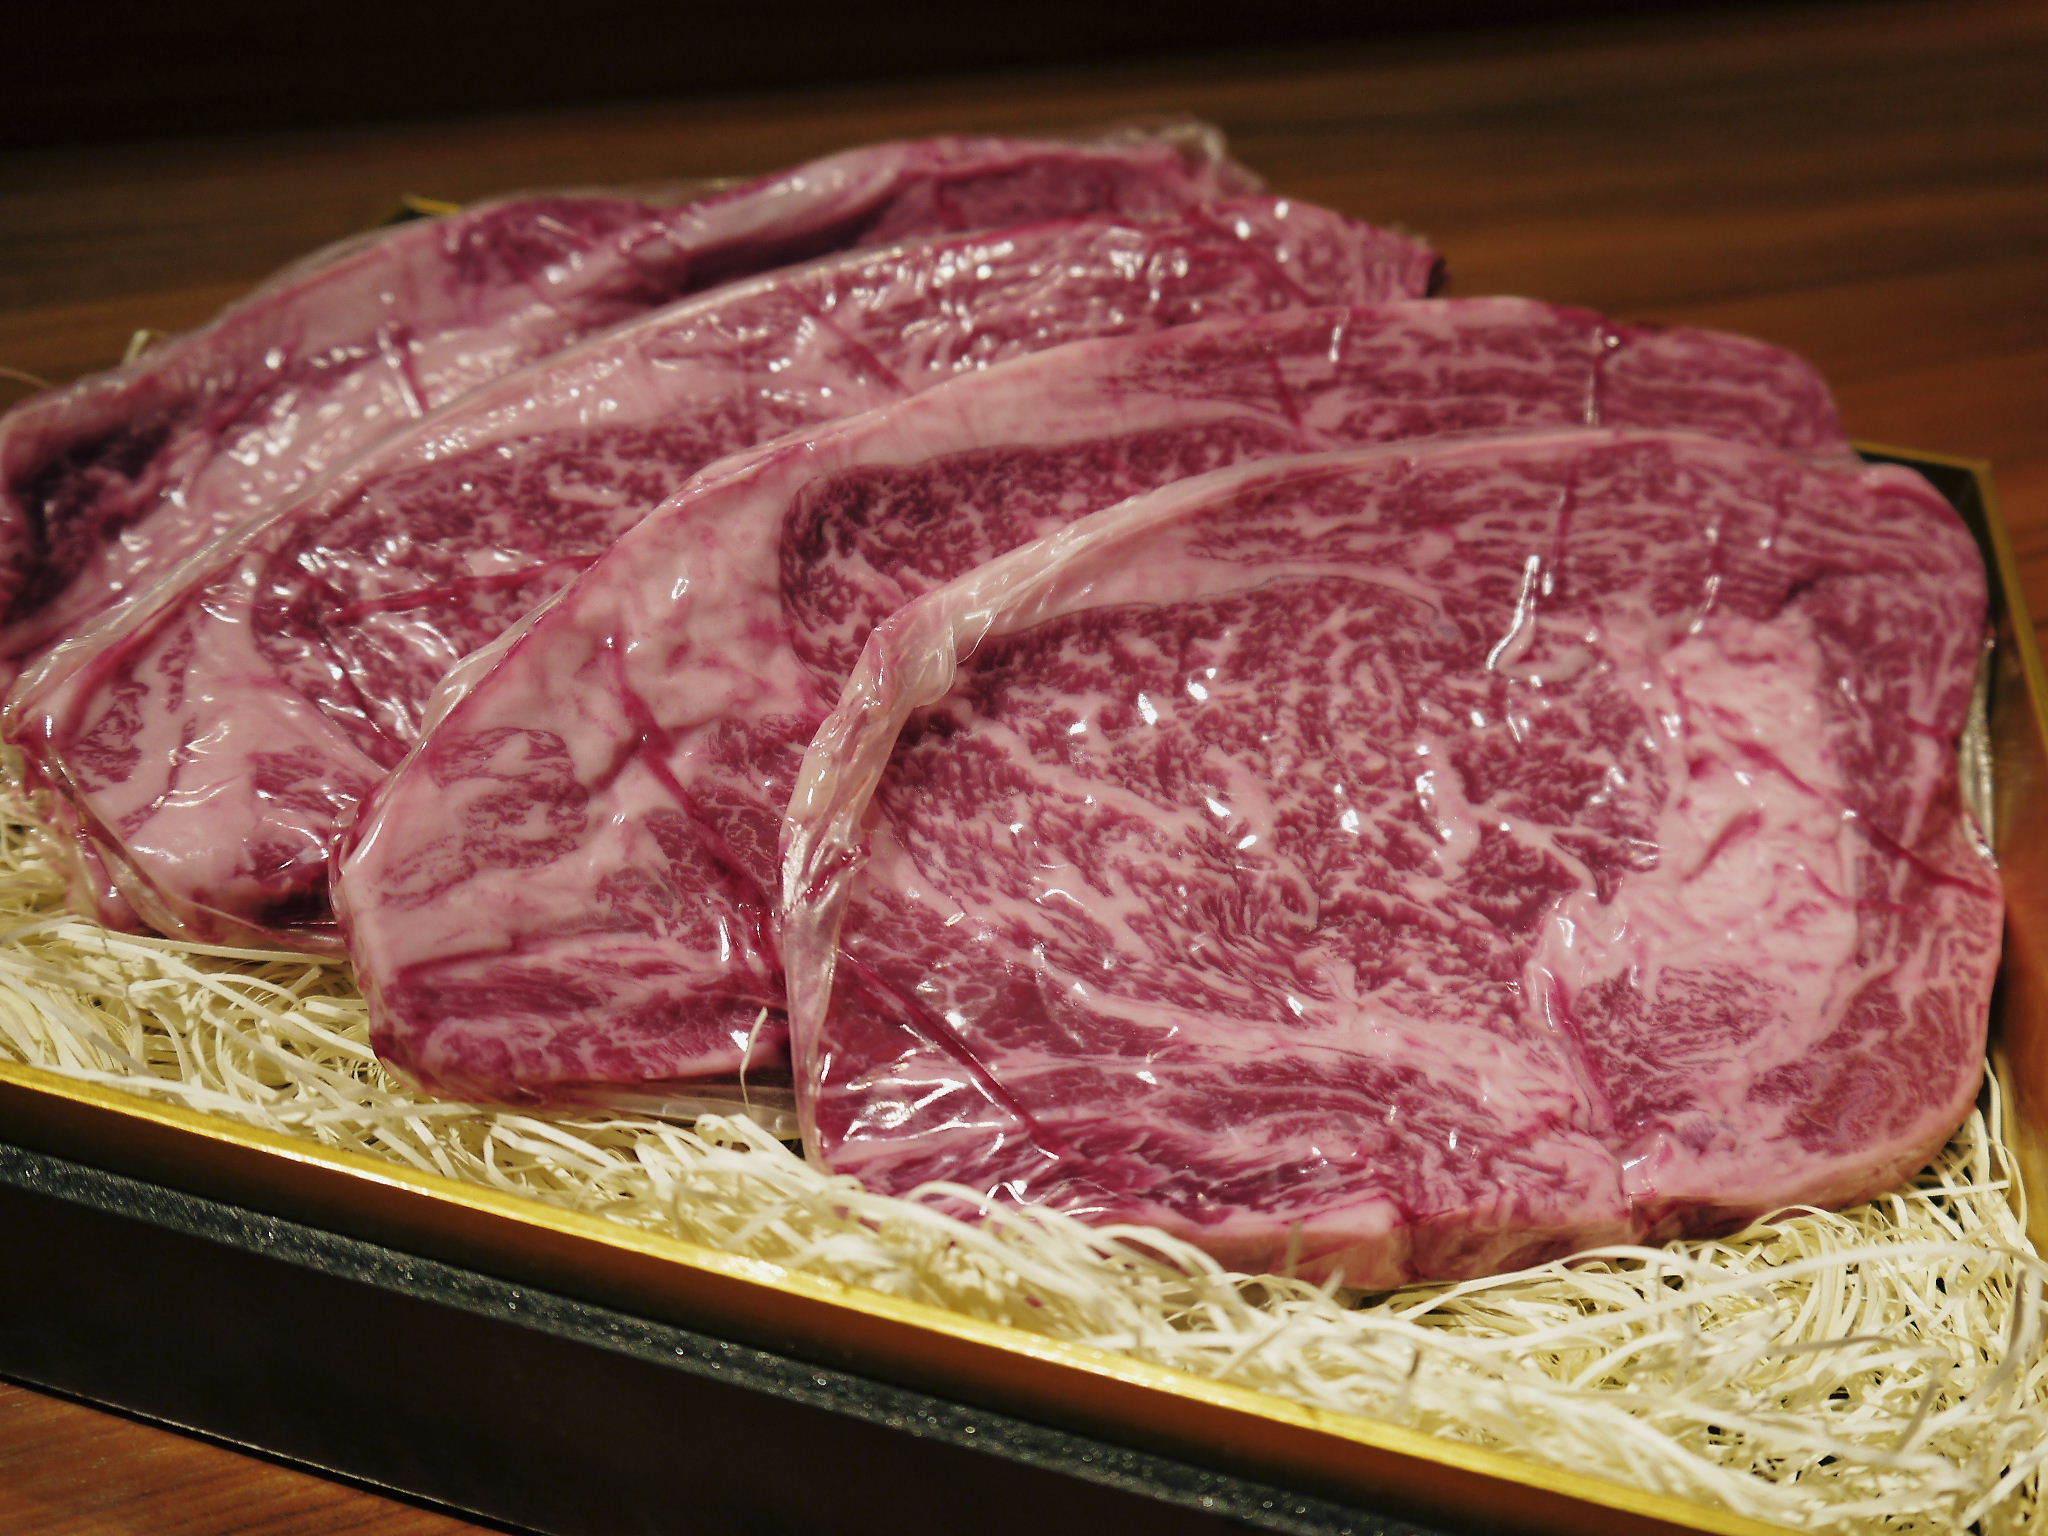 お歳暮にいかがですか!熊本県産黒毛和牛100%のハンバーグステーキを数量限定で予約販売中!_a0254656_20080135.jpg